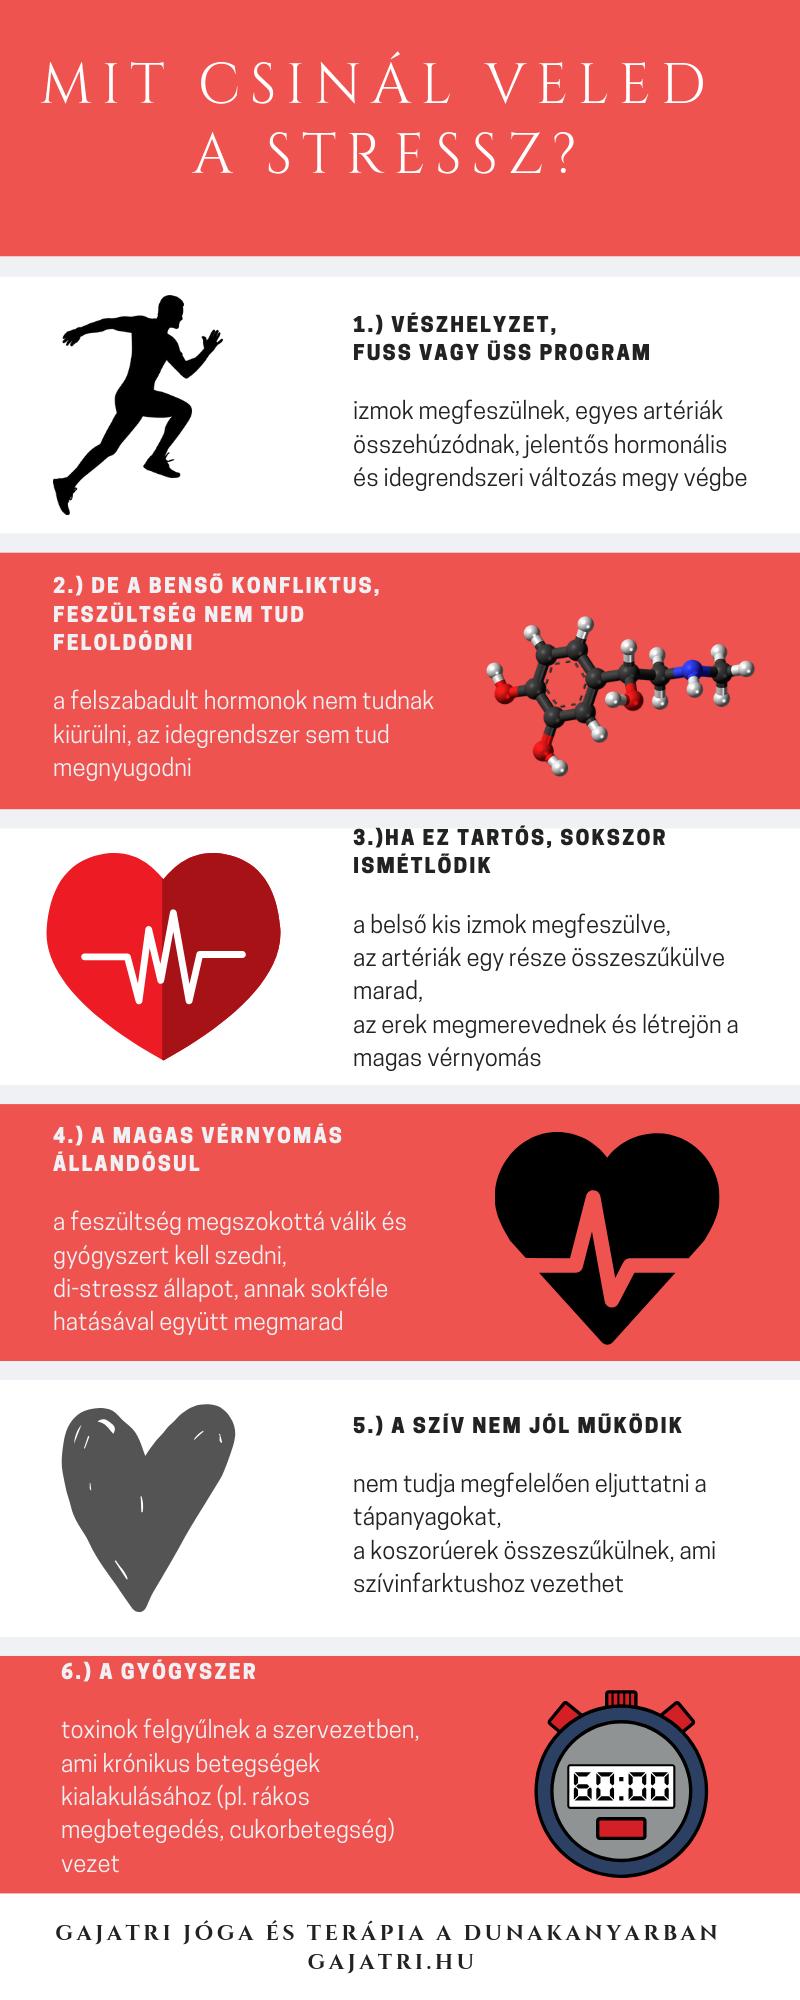 hogyan lehet gyógyítani a magas vérnyomást videó magas vérnyomás kardiológus